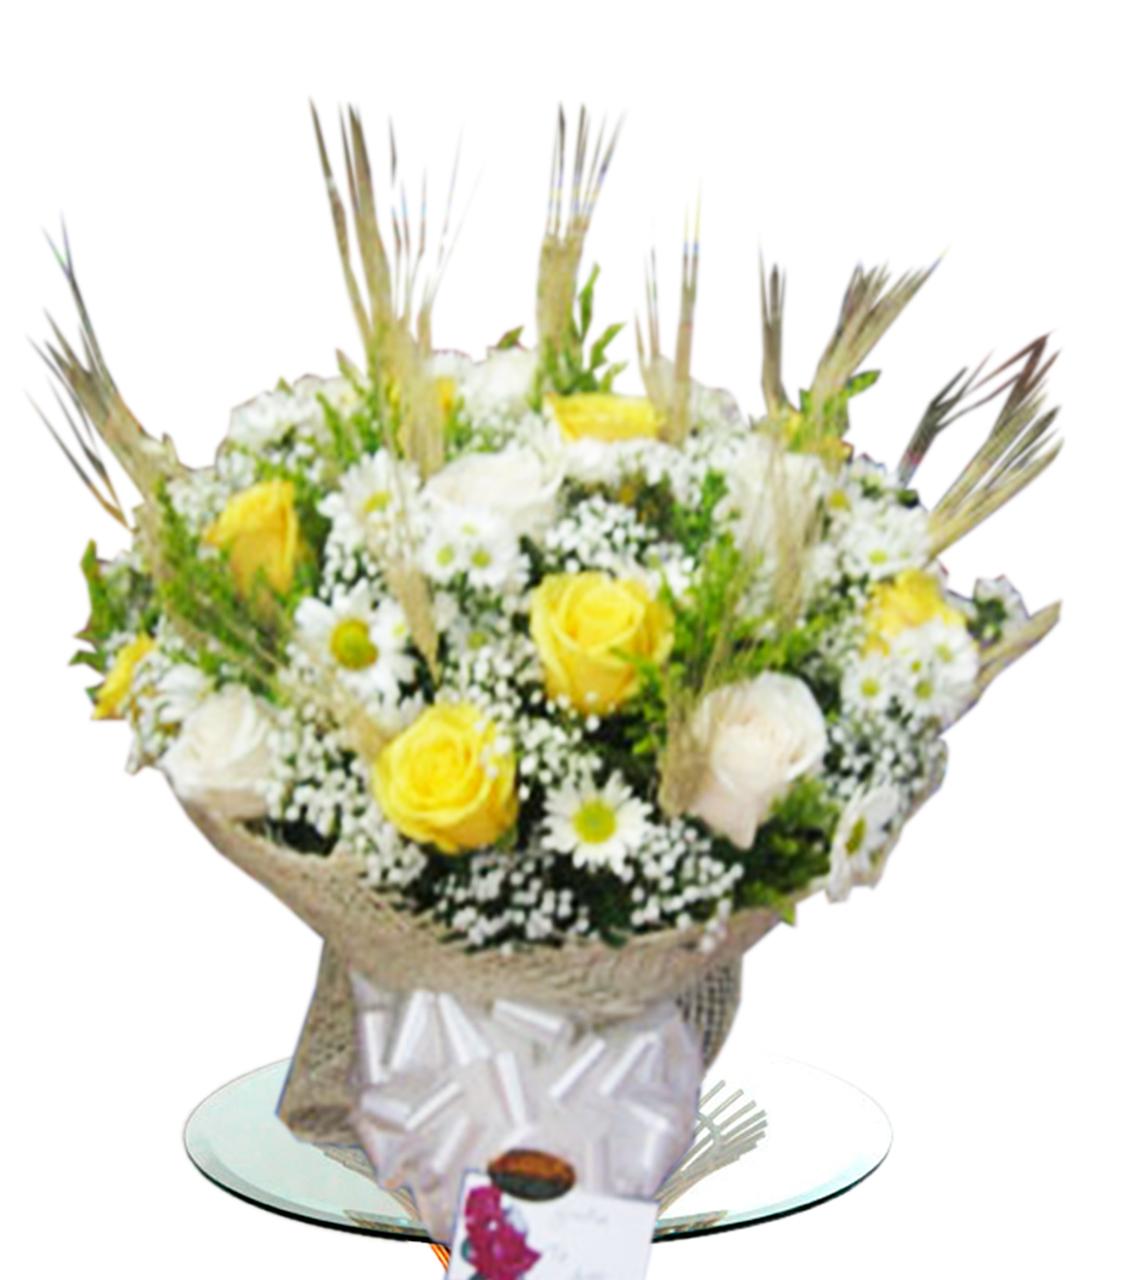 Buquet de flores variadas con trigo